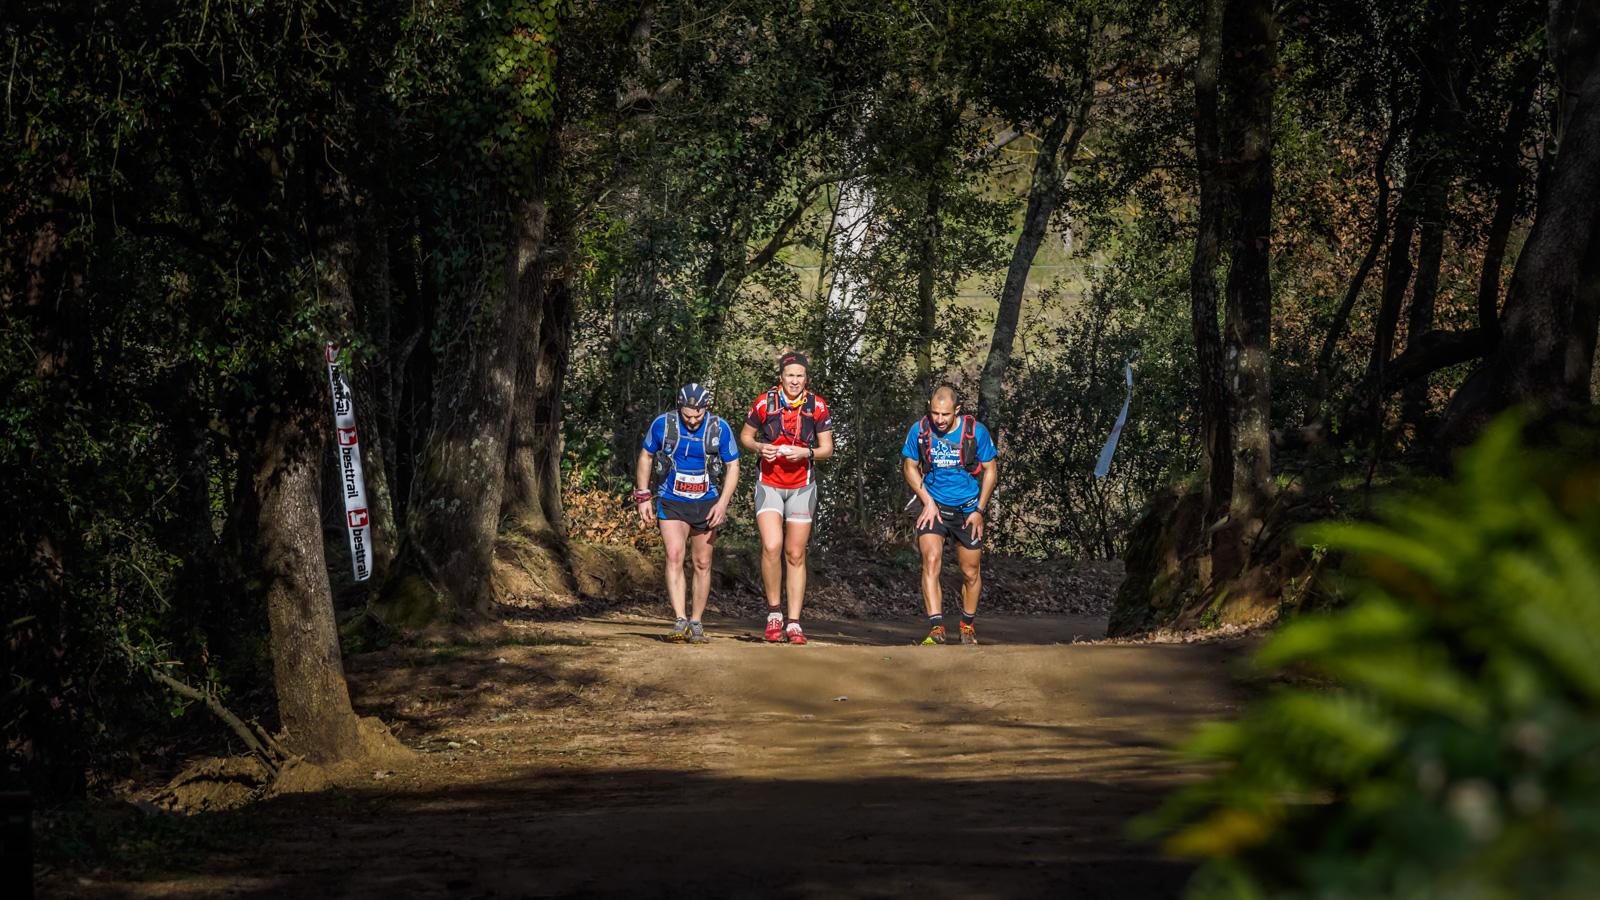 Runners els camins del Parc Natural de Montnegre-Corredor